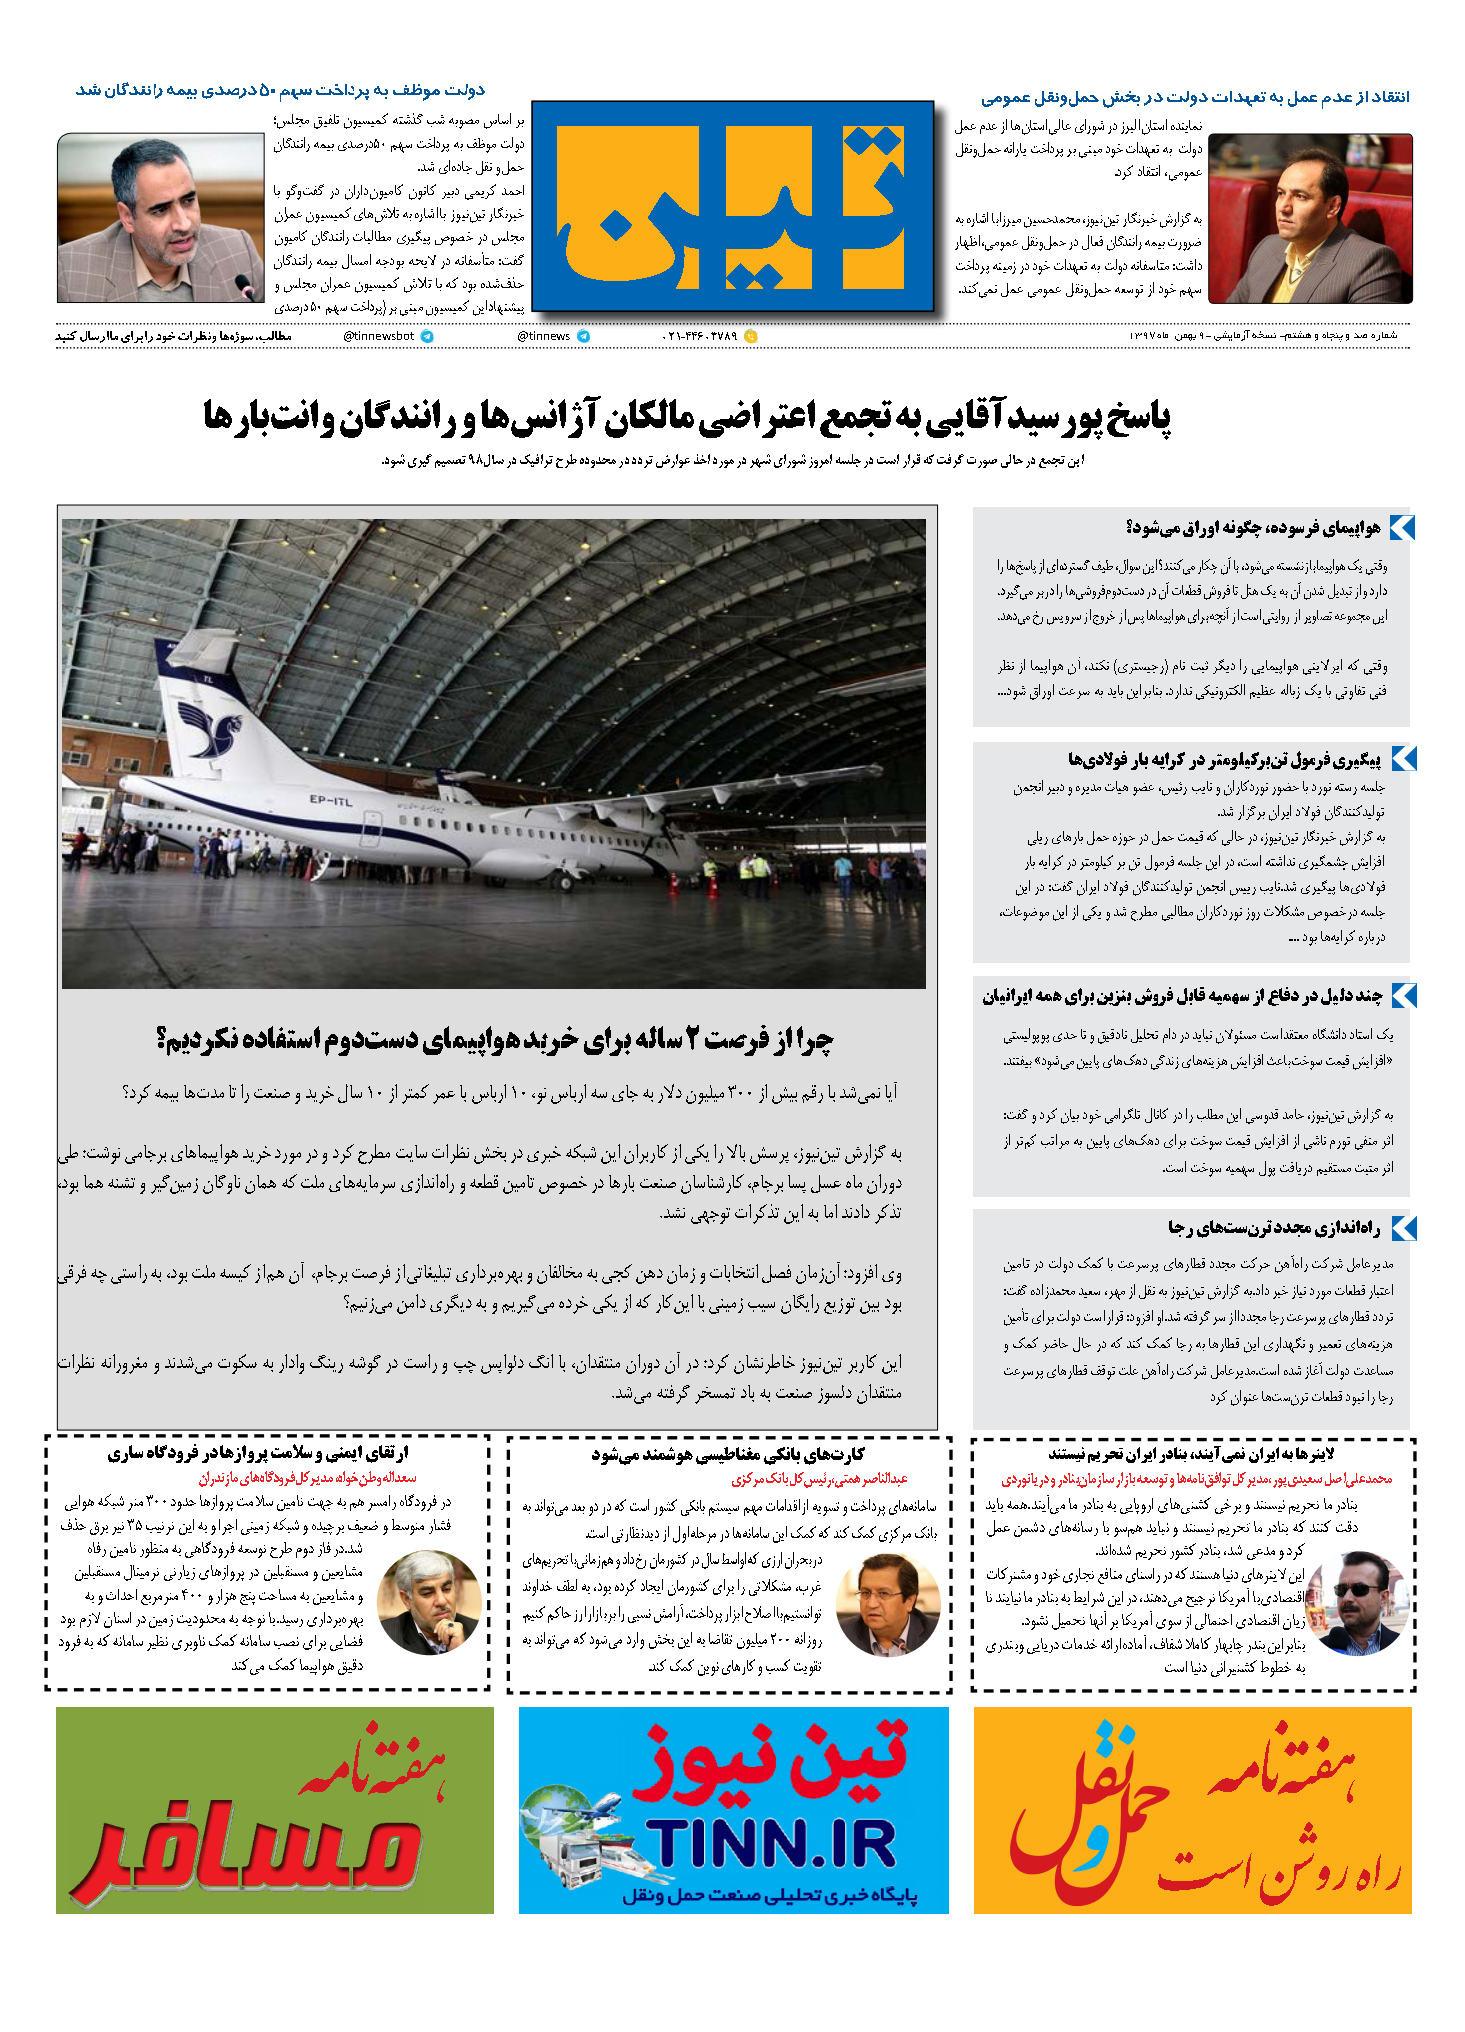 روزنامه الکترونیک 9 بهمن ماه 97